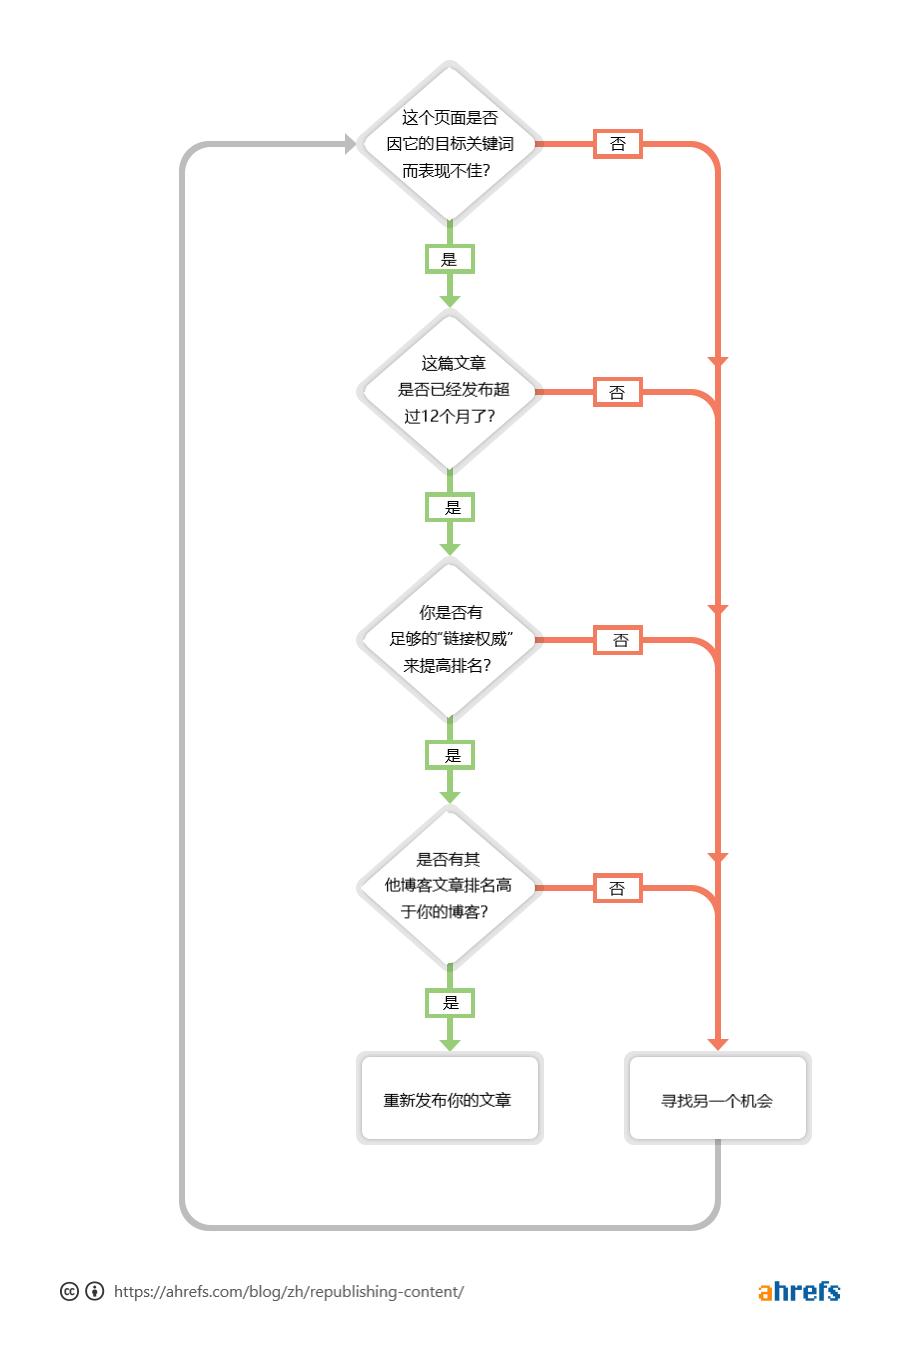 文章内容整改流程图